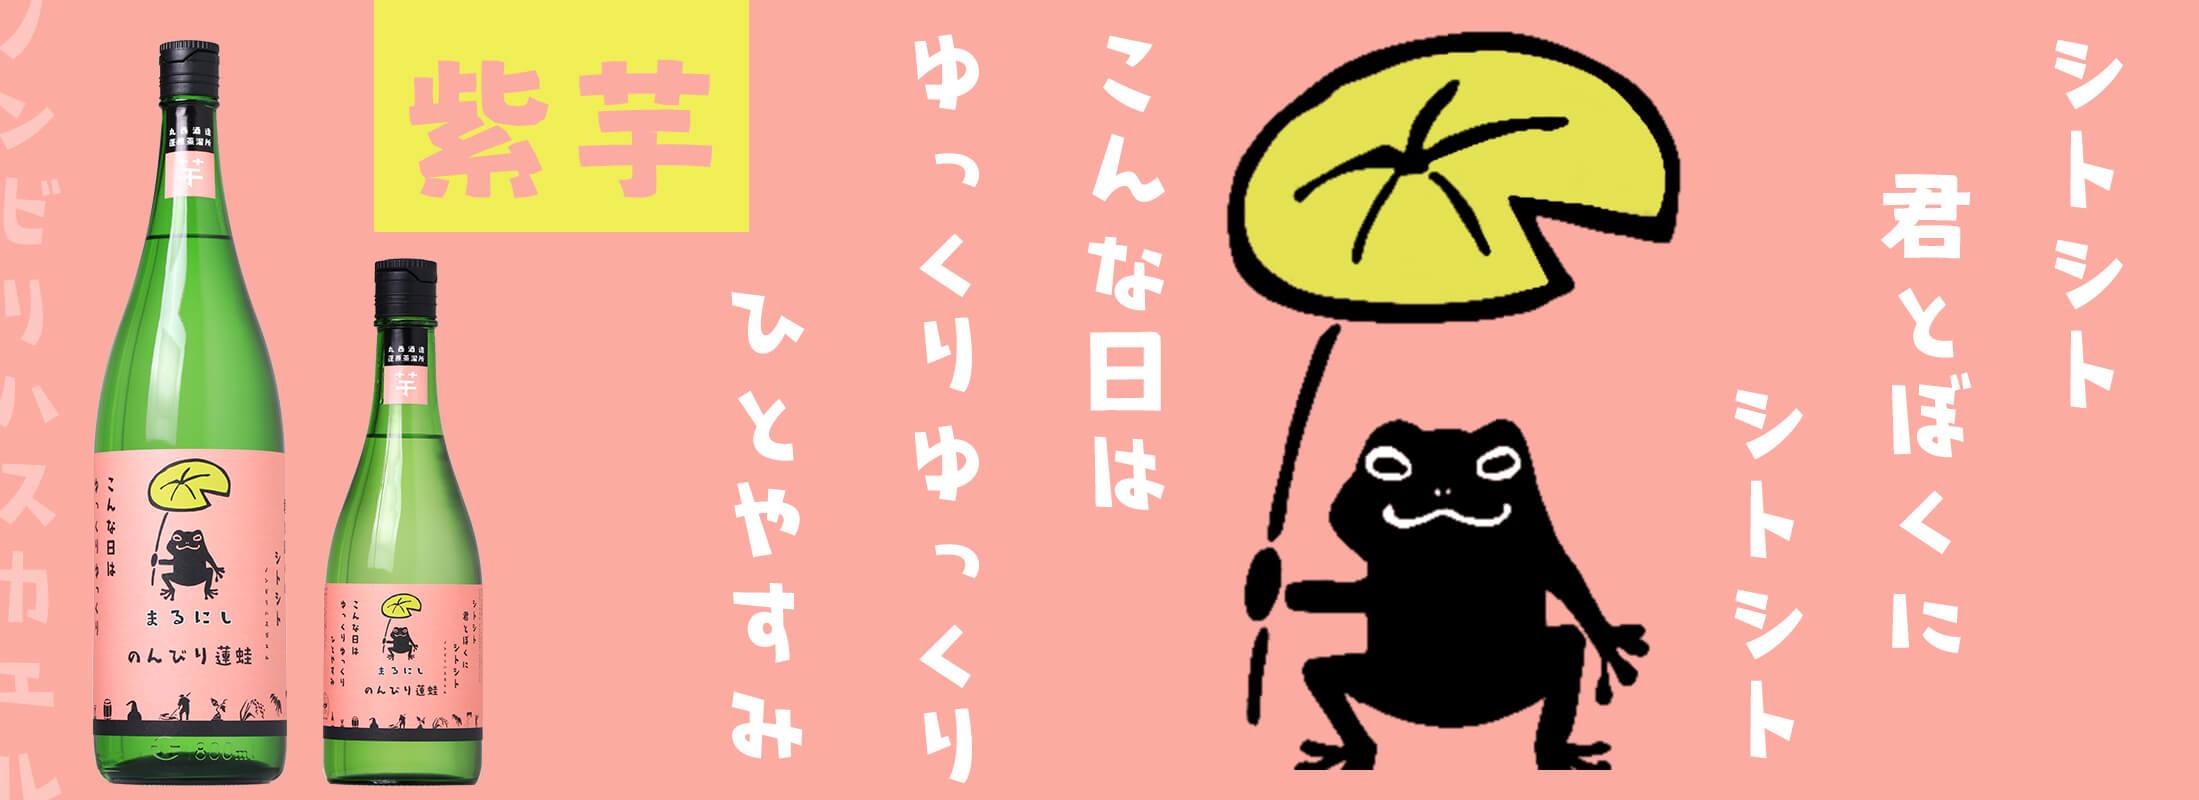 丸西 のんびり蓮蛙